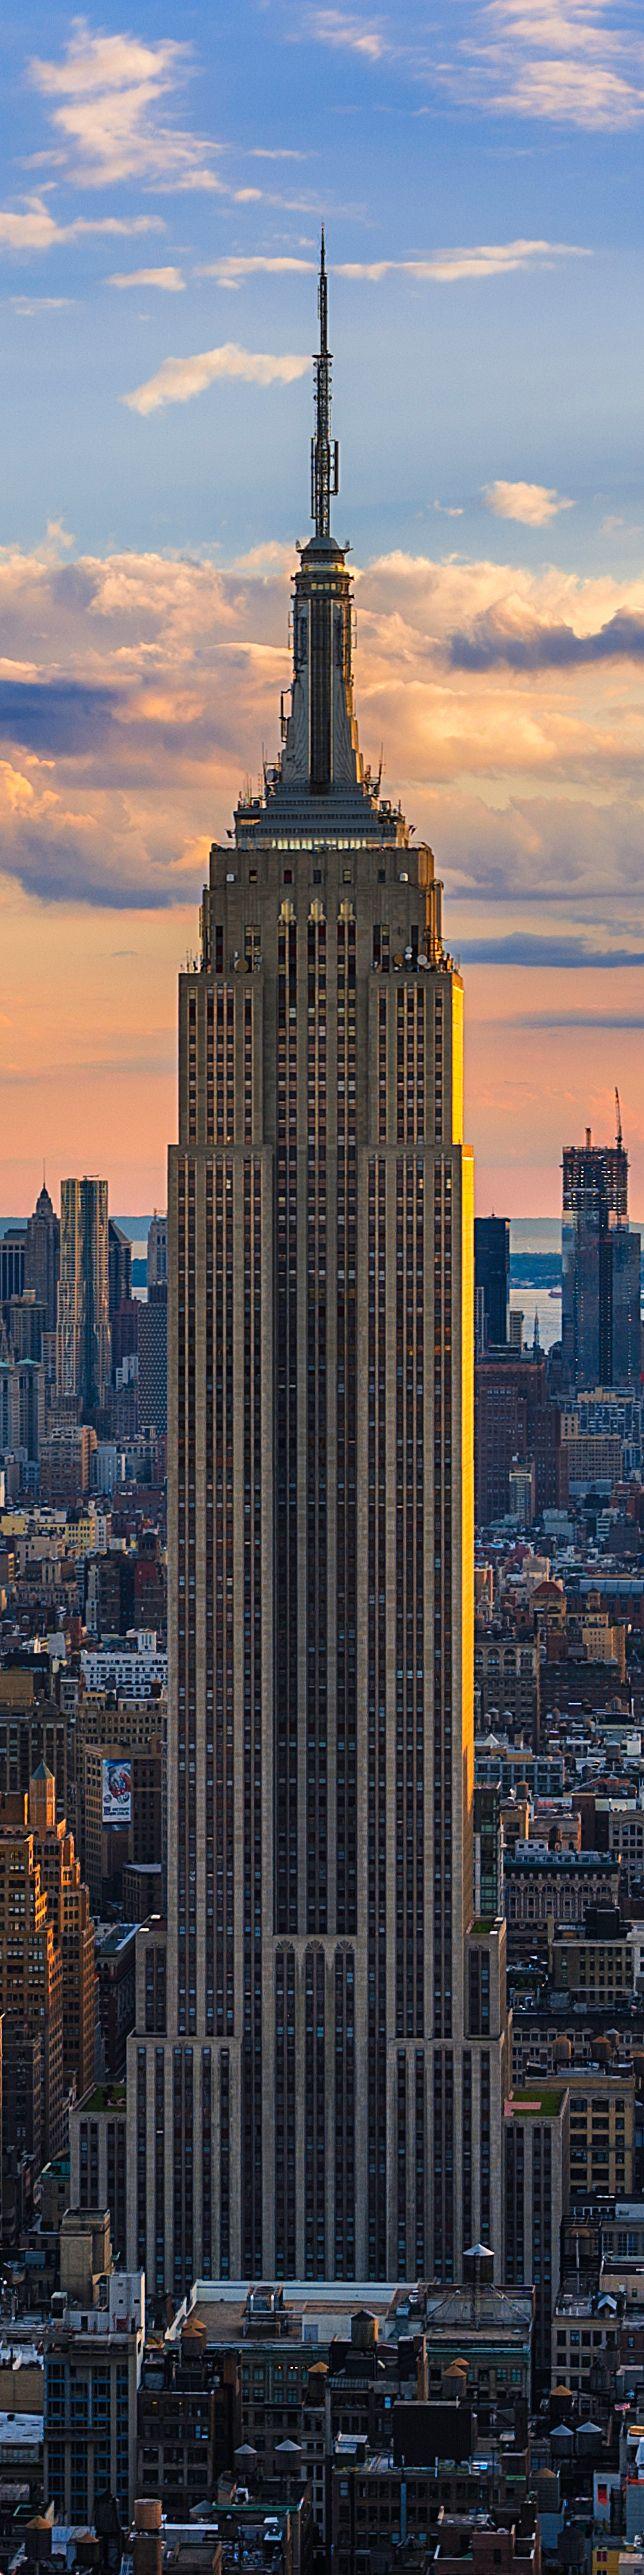 El Empire State Building, uno de los iconos de Nueva York. Situado en la 5ª Avenida, entre las Calles 33 y 34, al finalizarse su construcción en 1931, le quito el titulo de rascacielos mas alto del mundo al cercano  Edificio Chrysler, manteniéndolo hasta 1970, cuando las trágicamente desaparecidas Torres Gemelas del World Trade Center  se acabaron. La decoración interior es de estilo Art Decó.